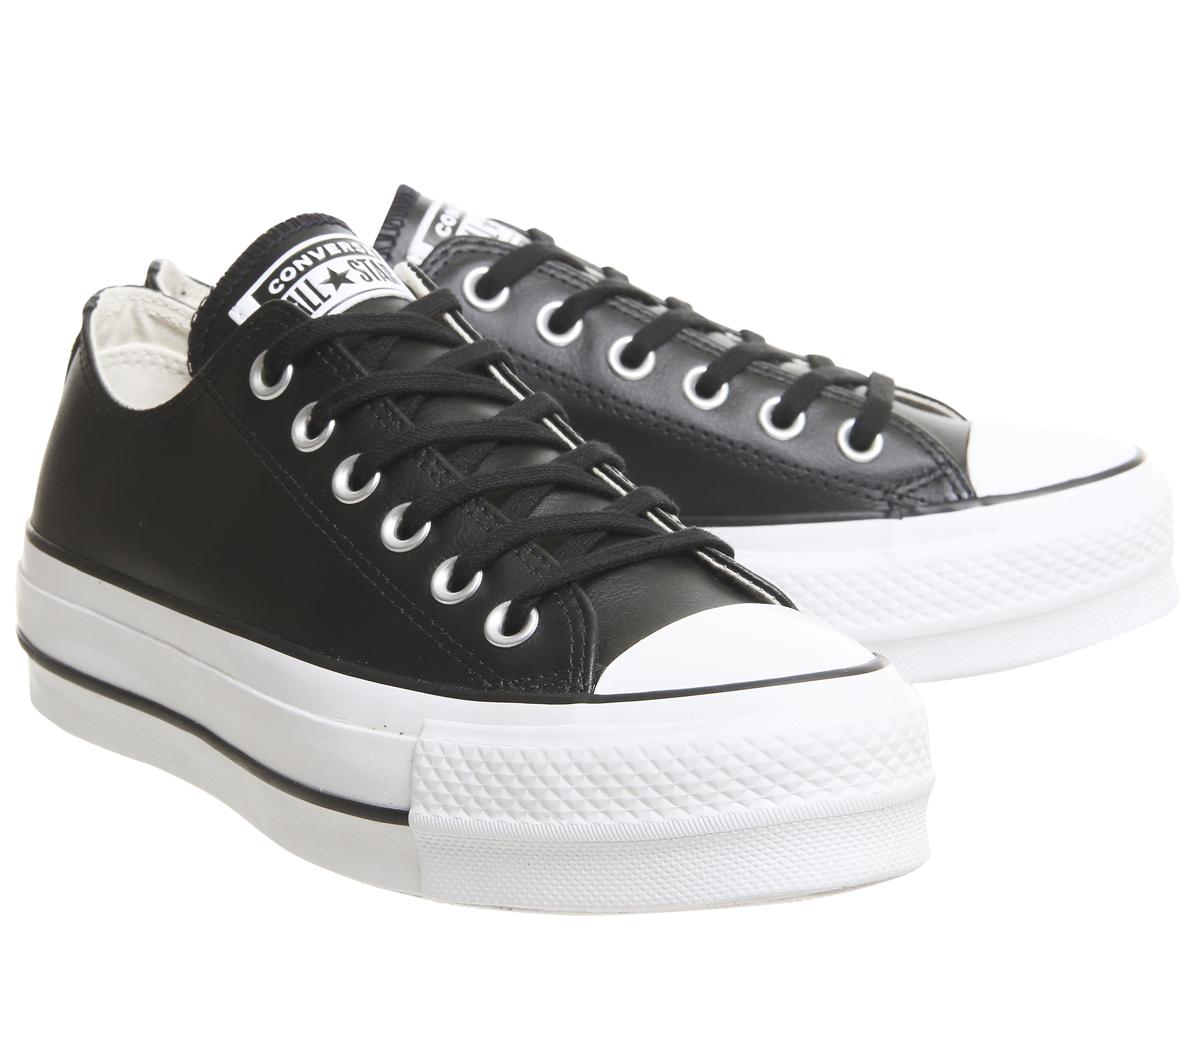 02675fb20835 SENTINEL Womens Converse All Star Lift basso in pelle scarpe da ginnastica nero  nero bianco formatori Sh